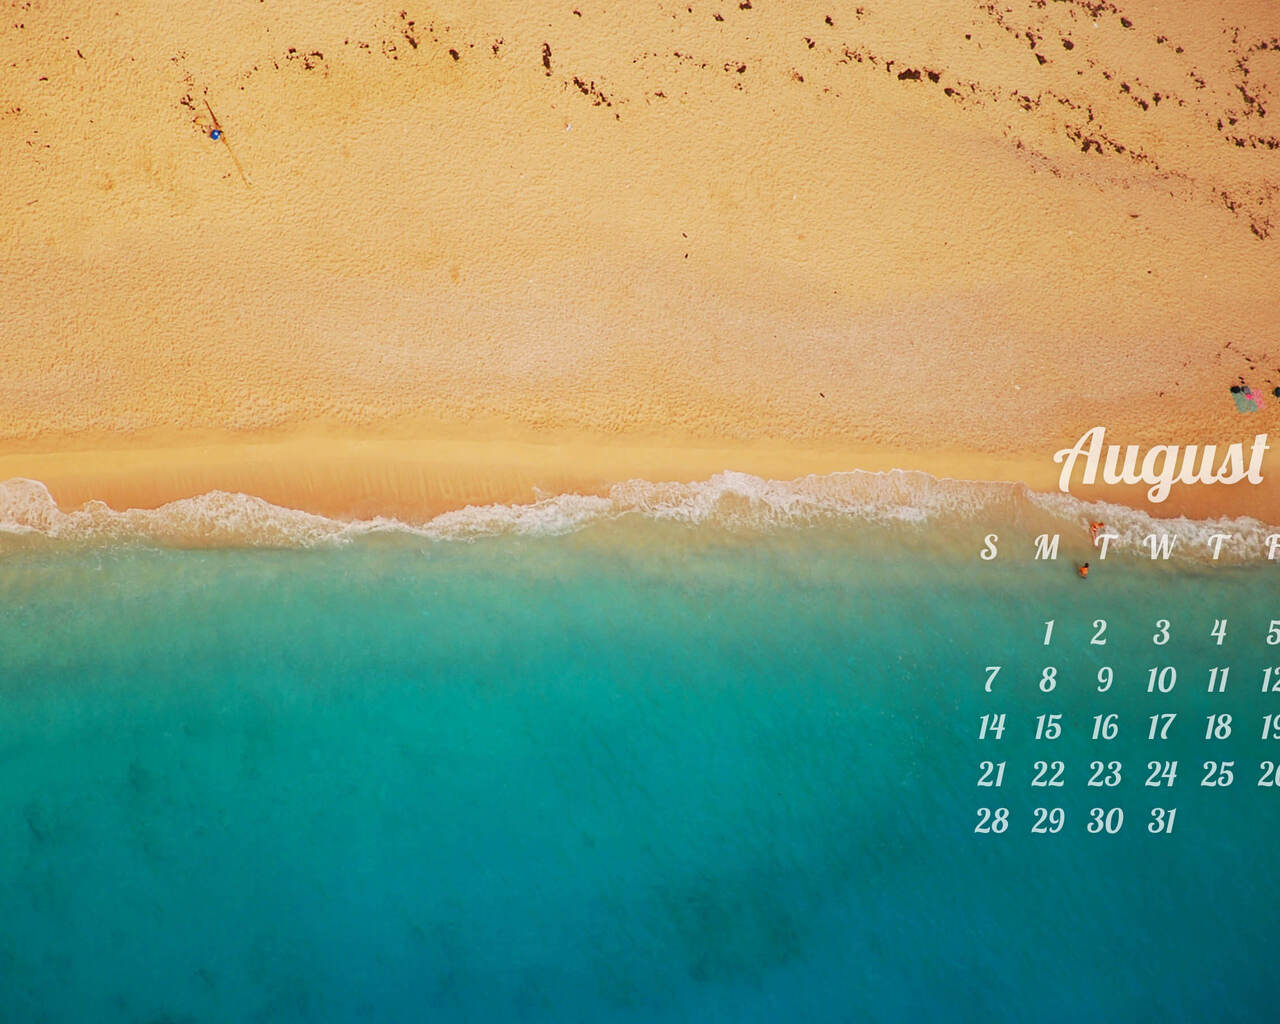 august-calendar-2016-qhd.jpg